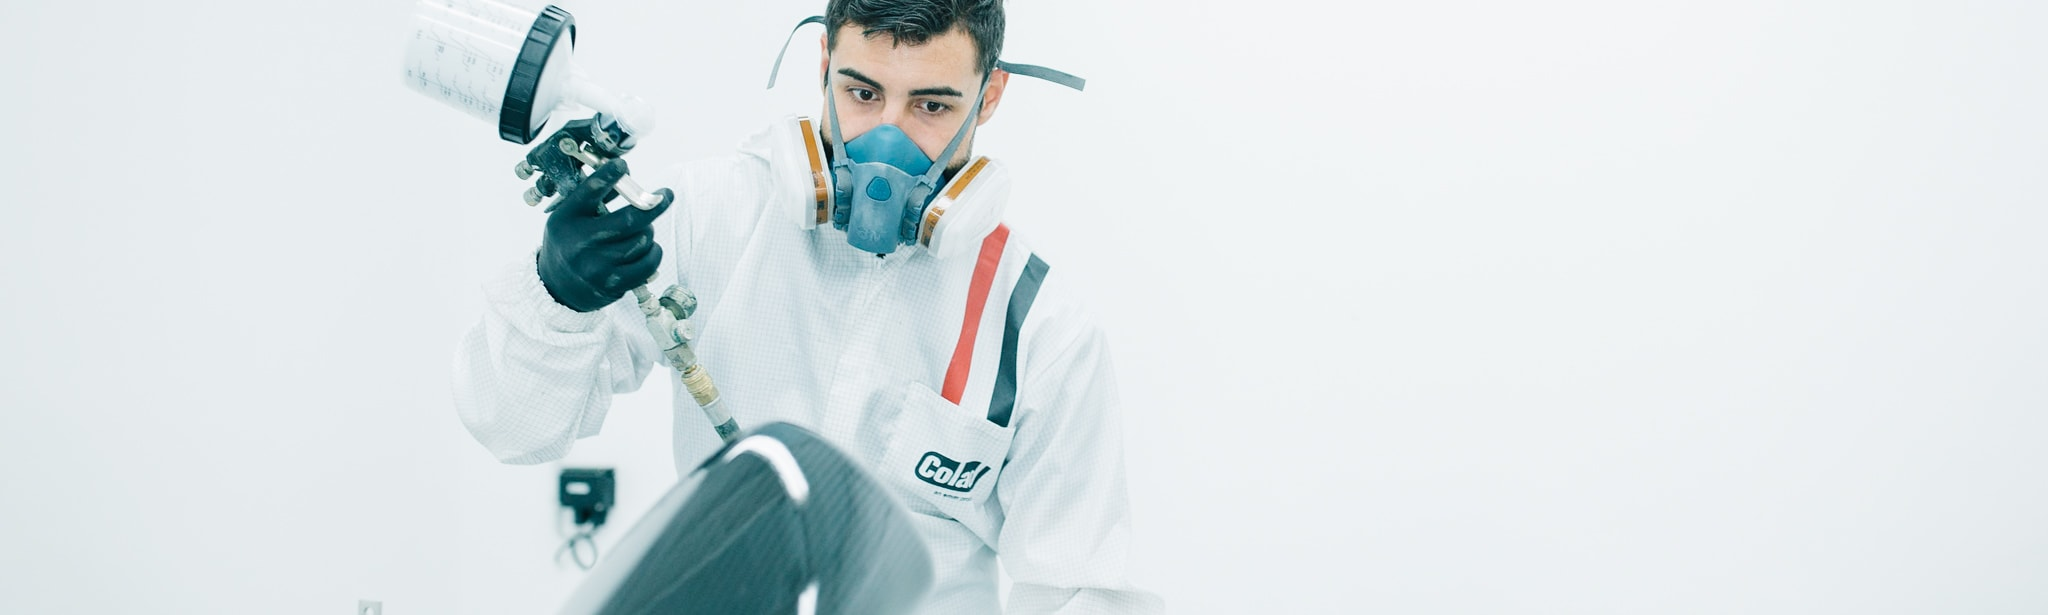 Carbon Lackierung CFK Veredelung hochglanz.jpg